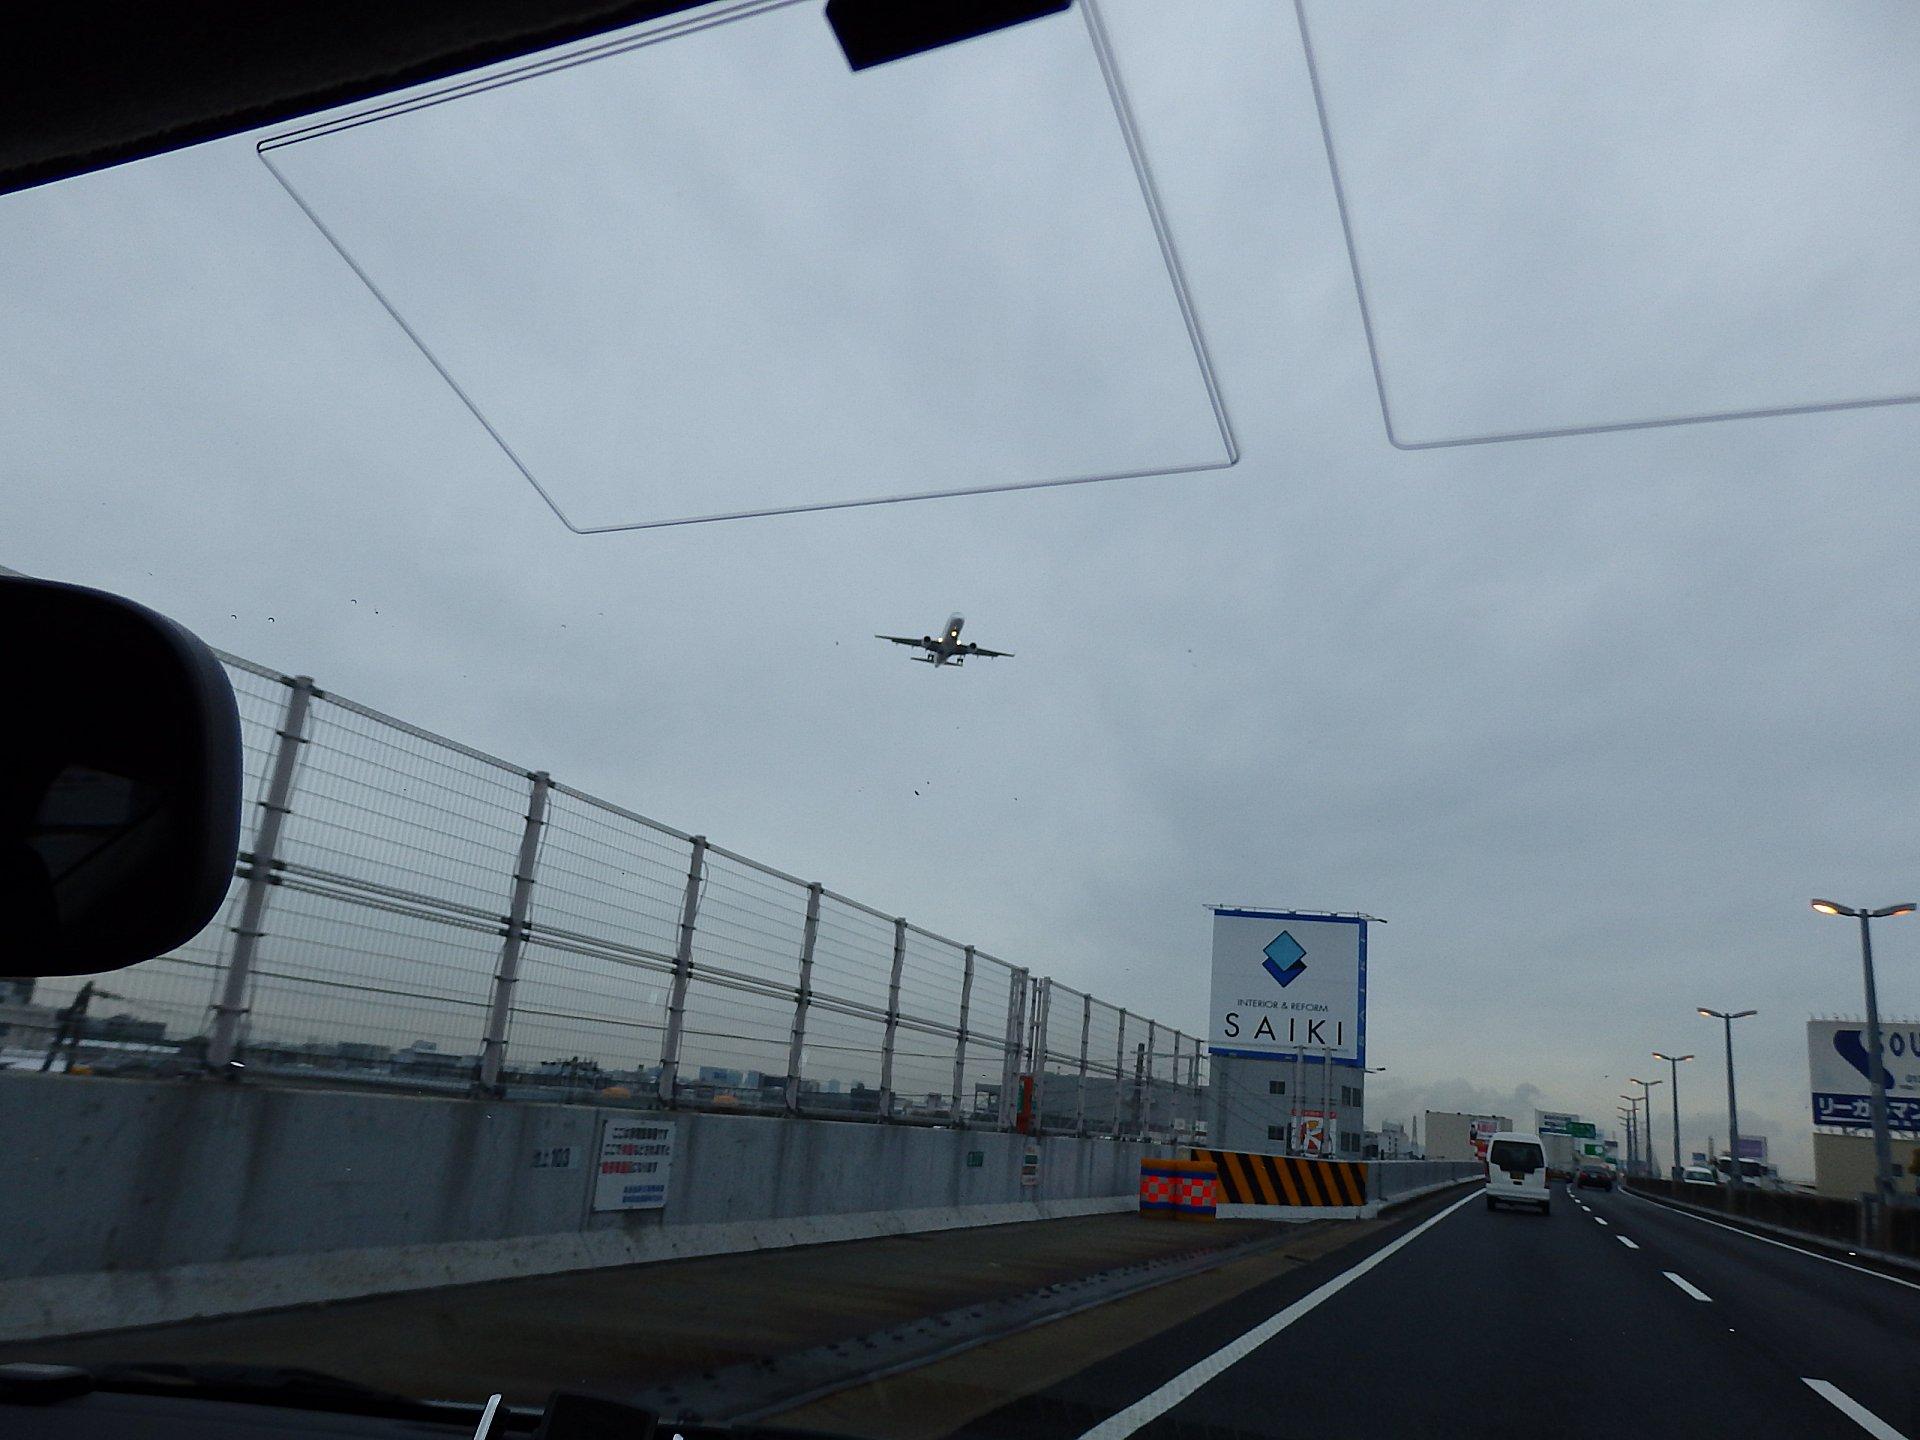 帰りの阪神高速からのショットです。